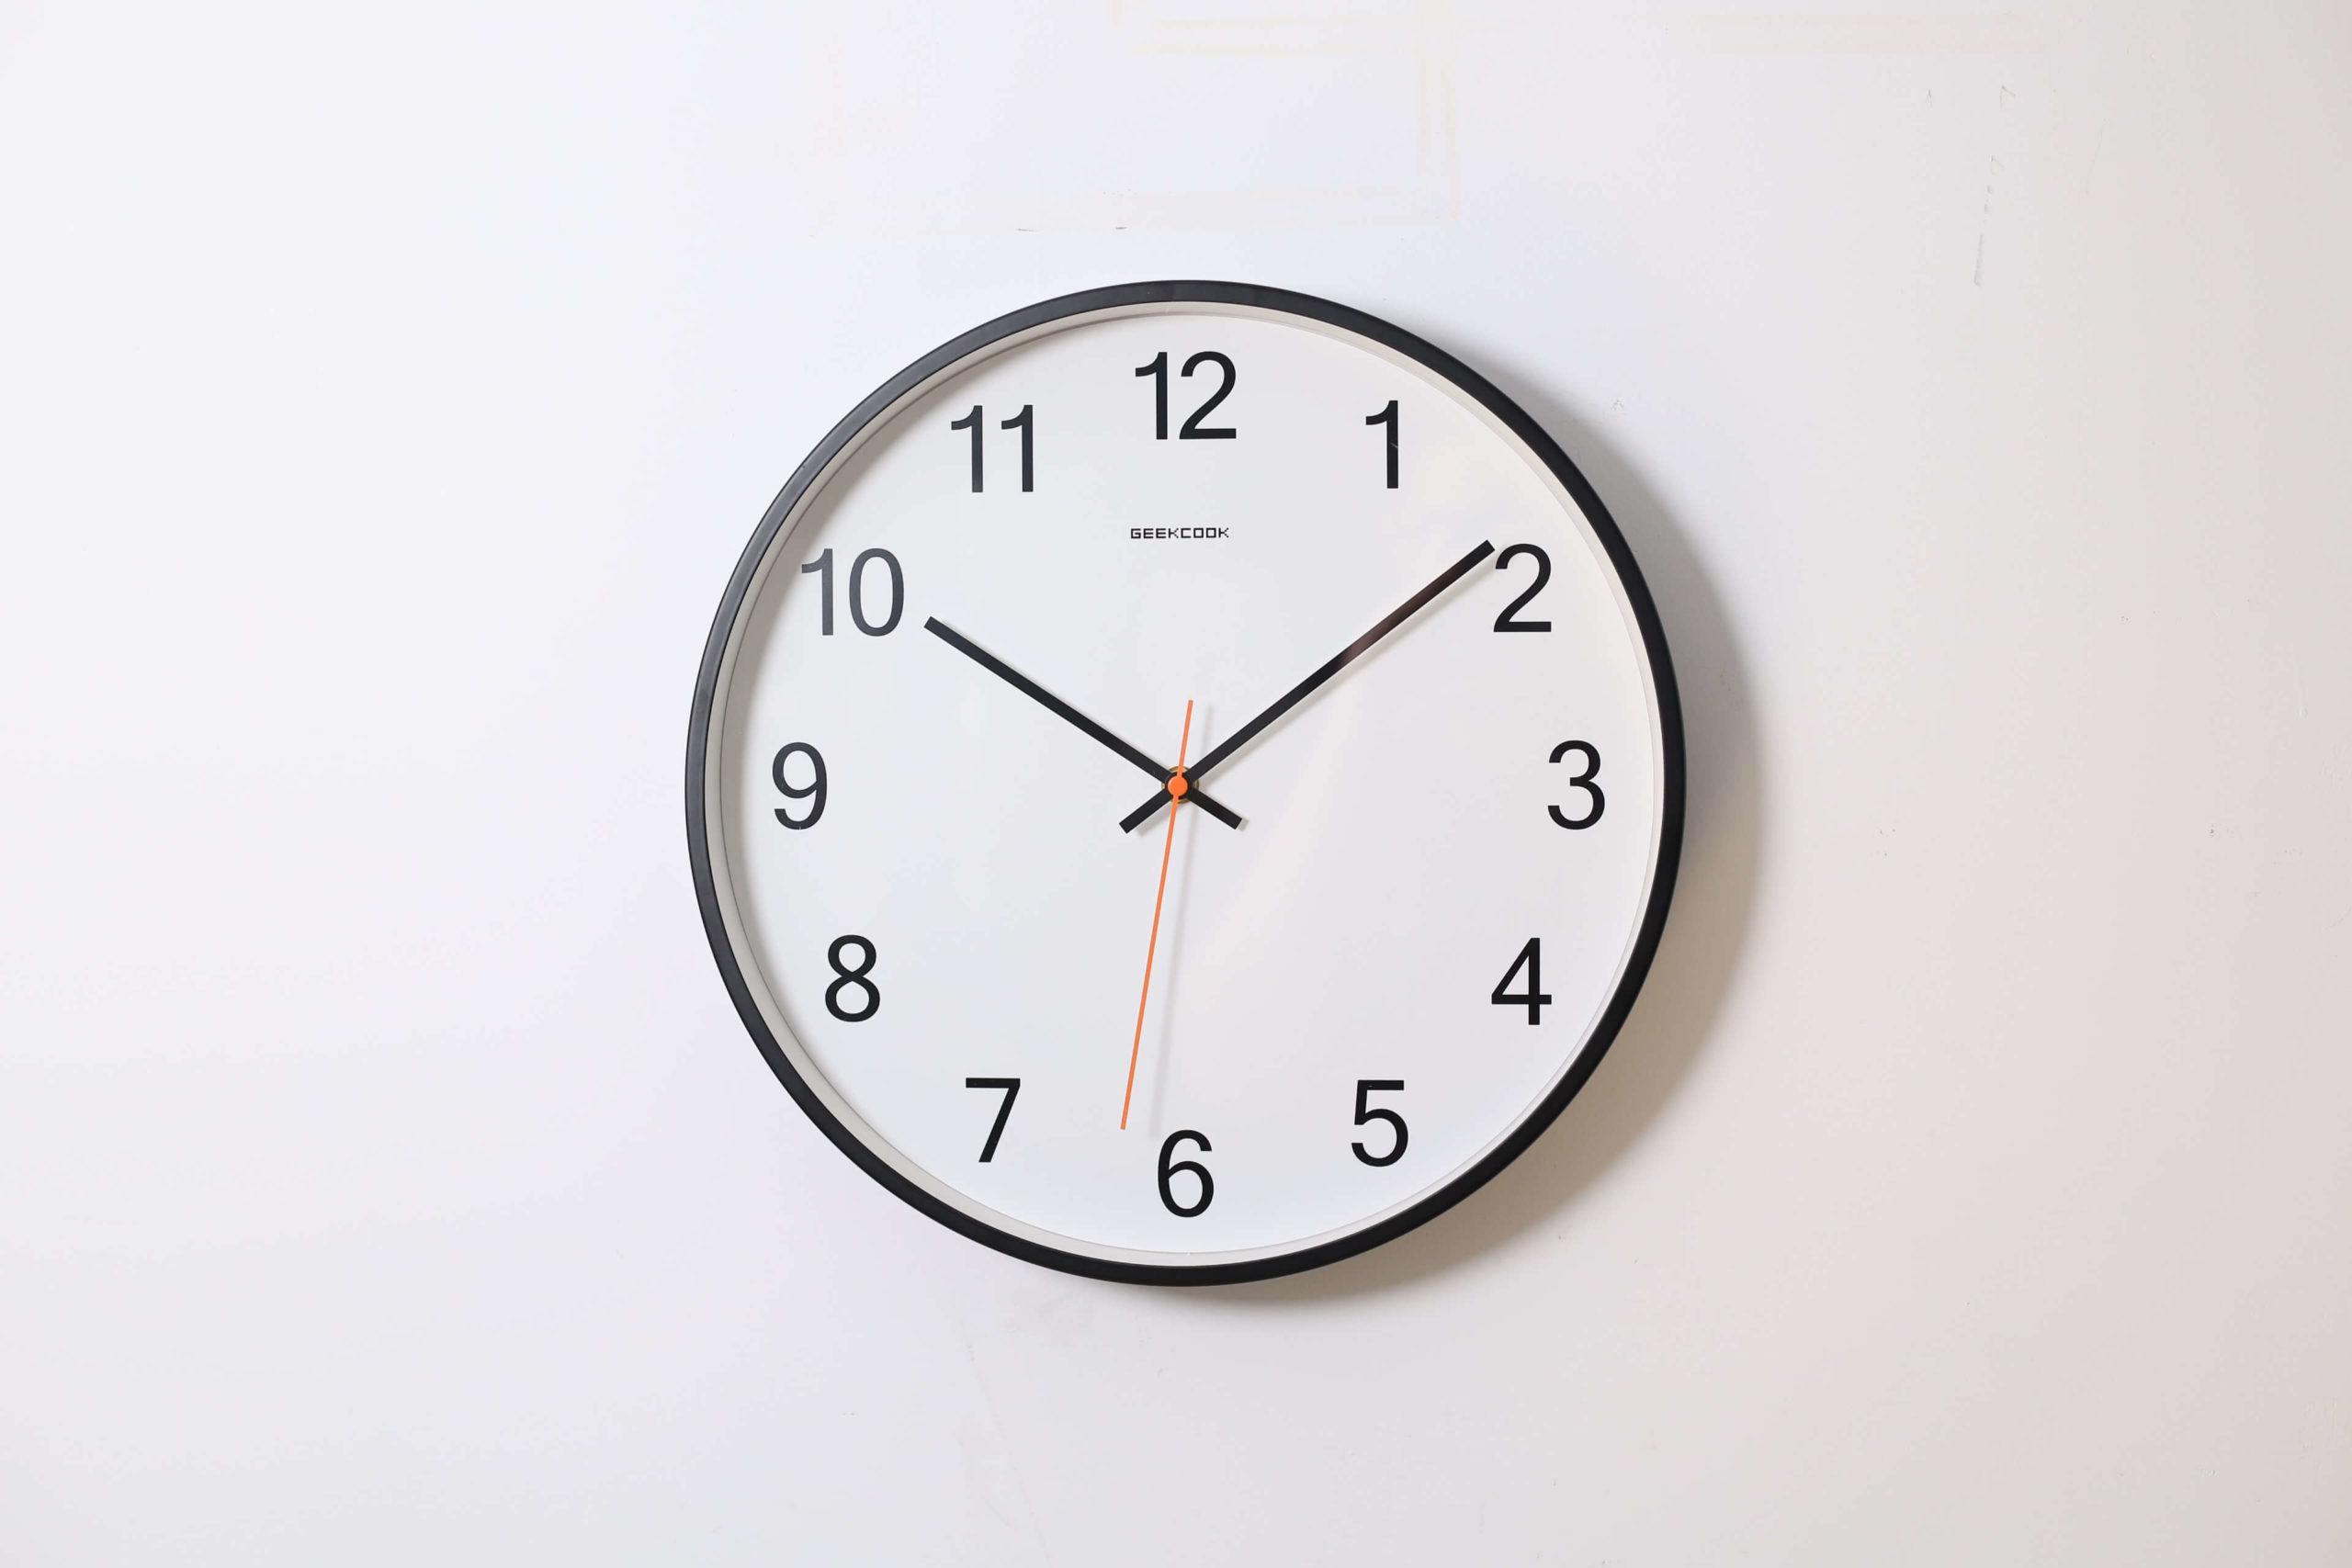 【現代人は忙しい】20代が自分の時間を「増やす」方法を徹底解説!